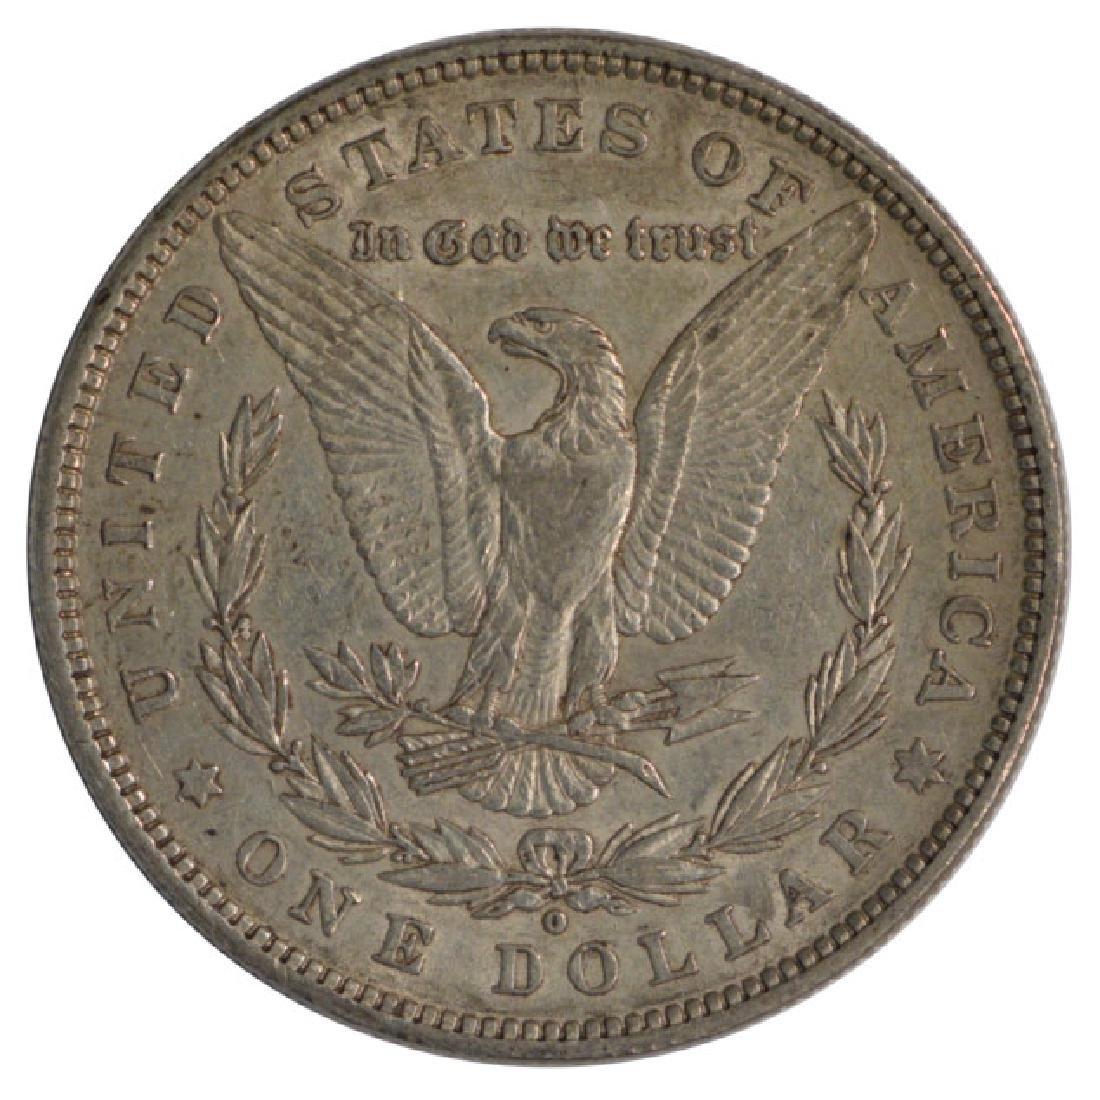 1880-O $1 Morgan Silver Dollar Coin - 2